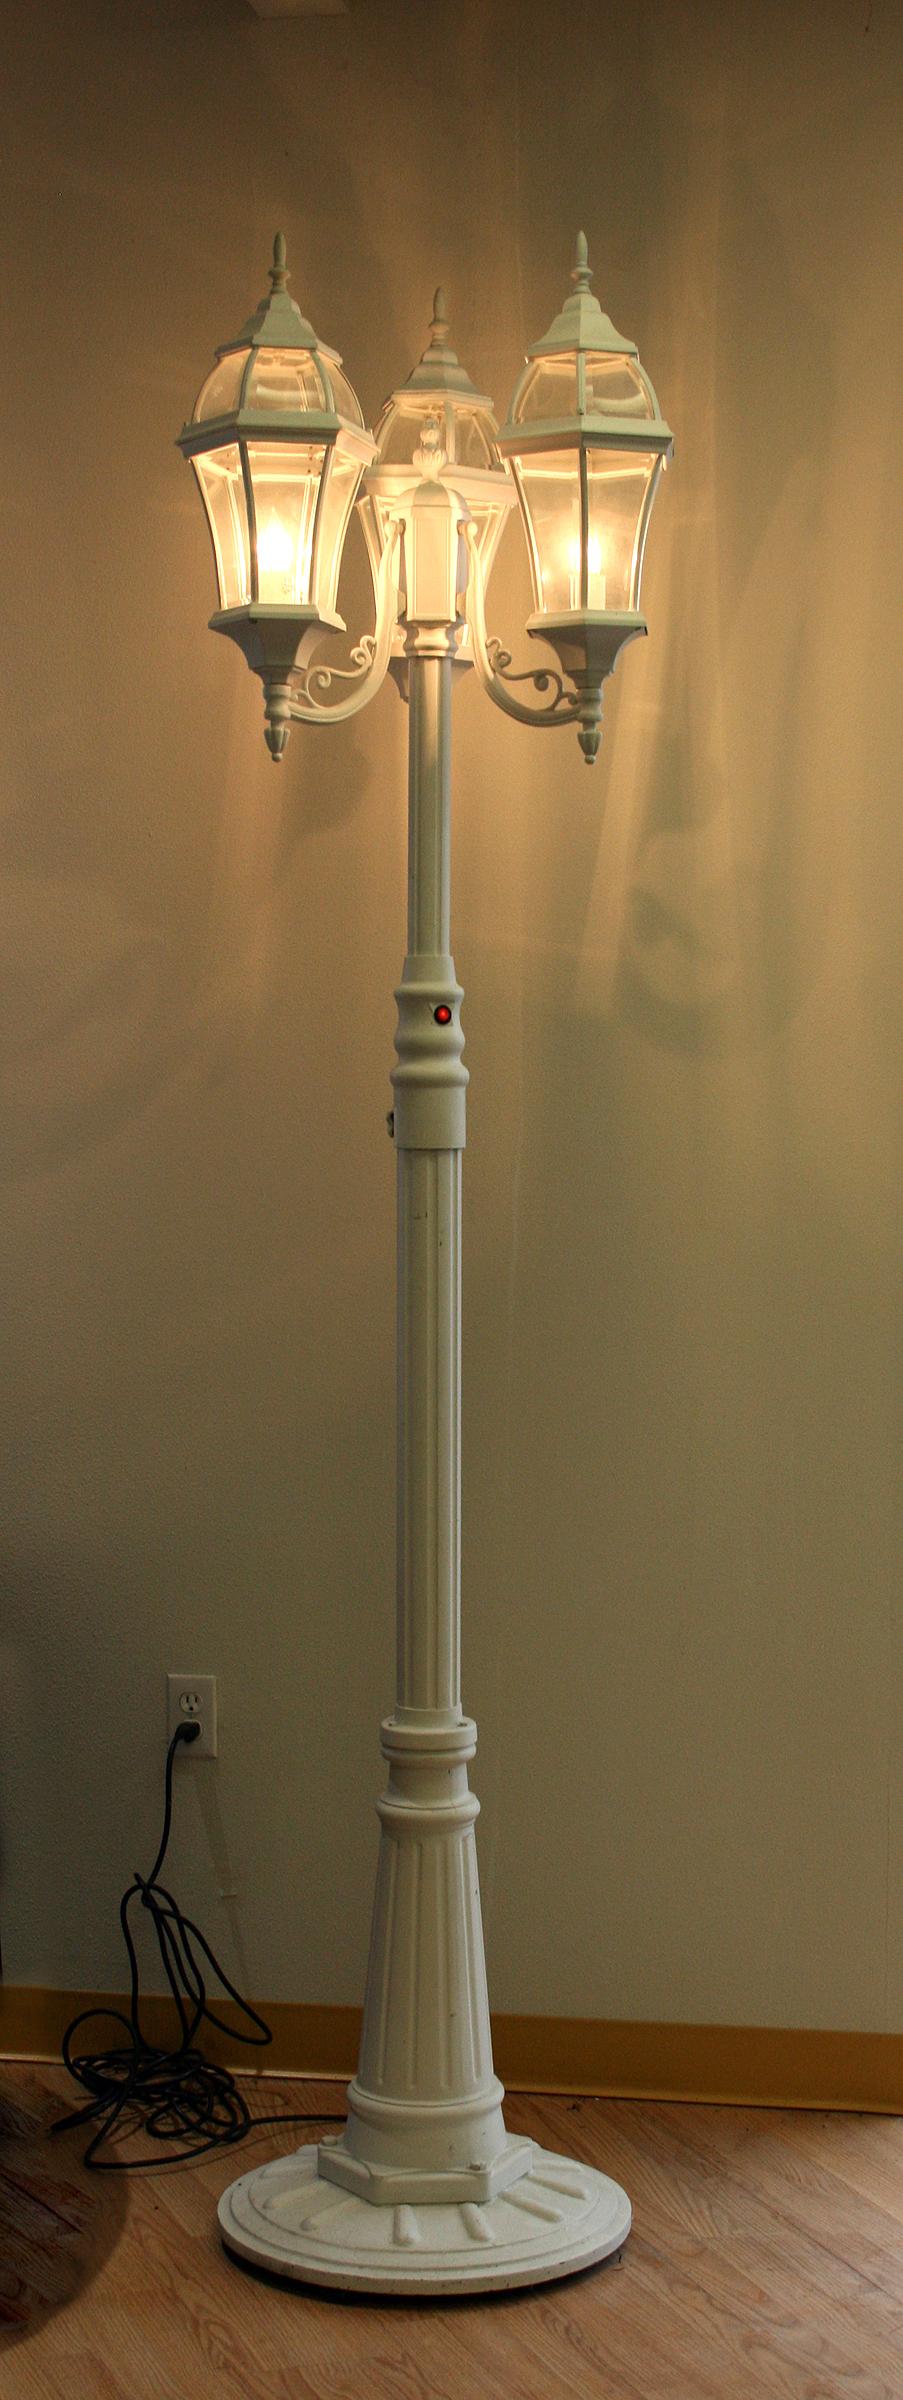 Front Of White Three Globe Lamp Post Lighting